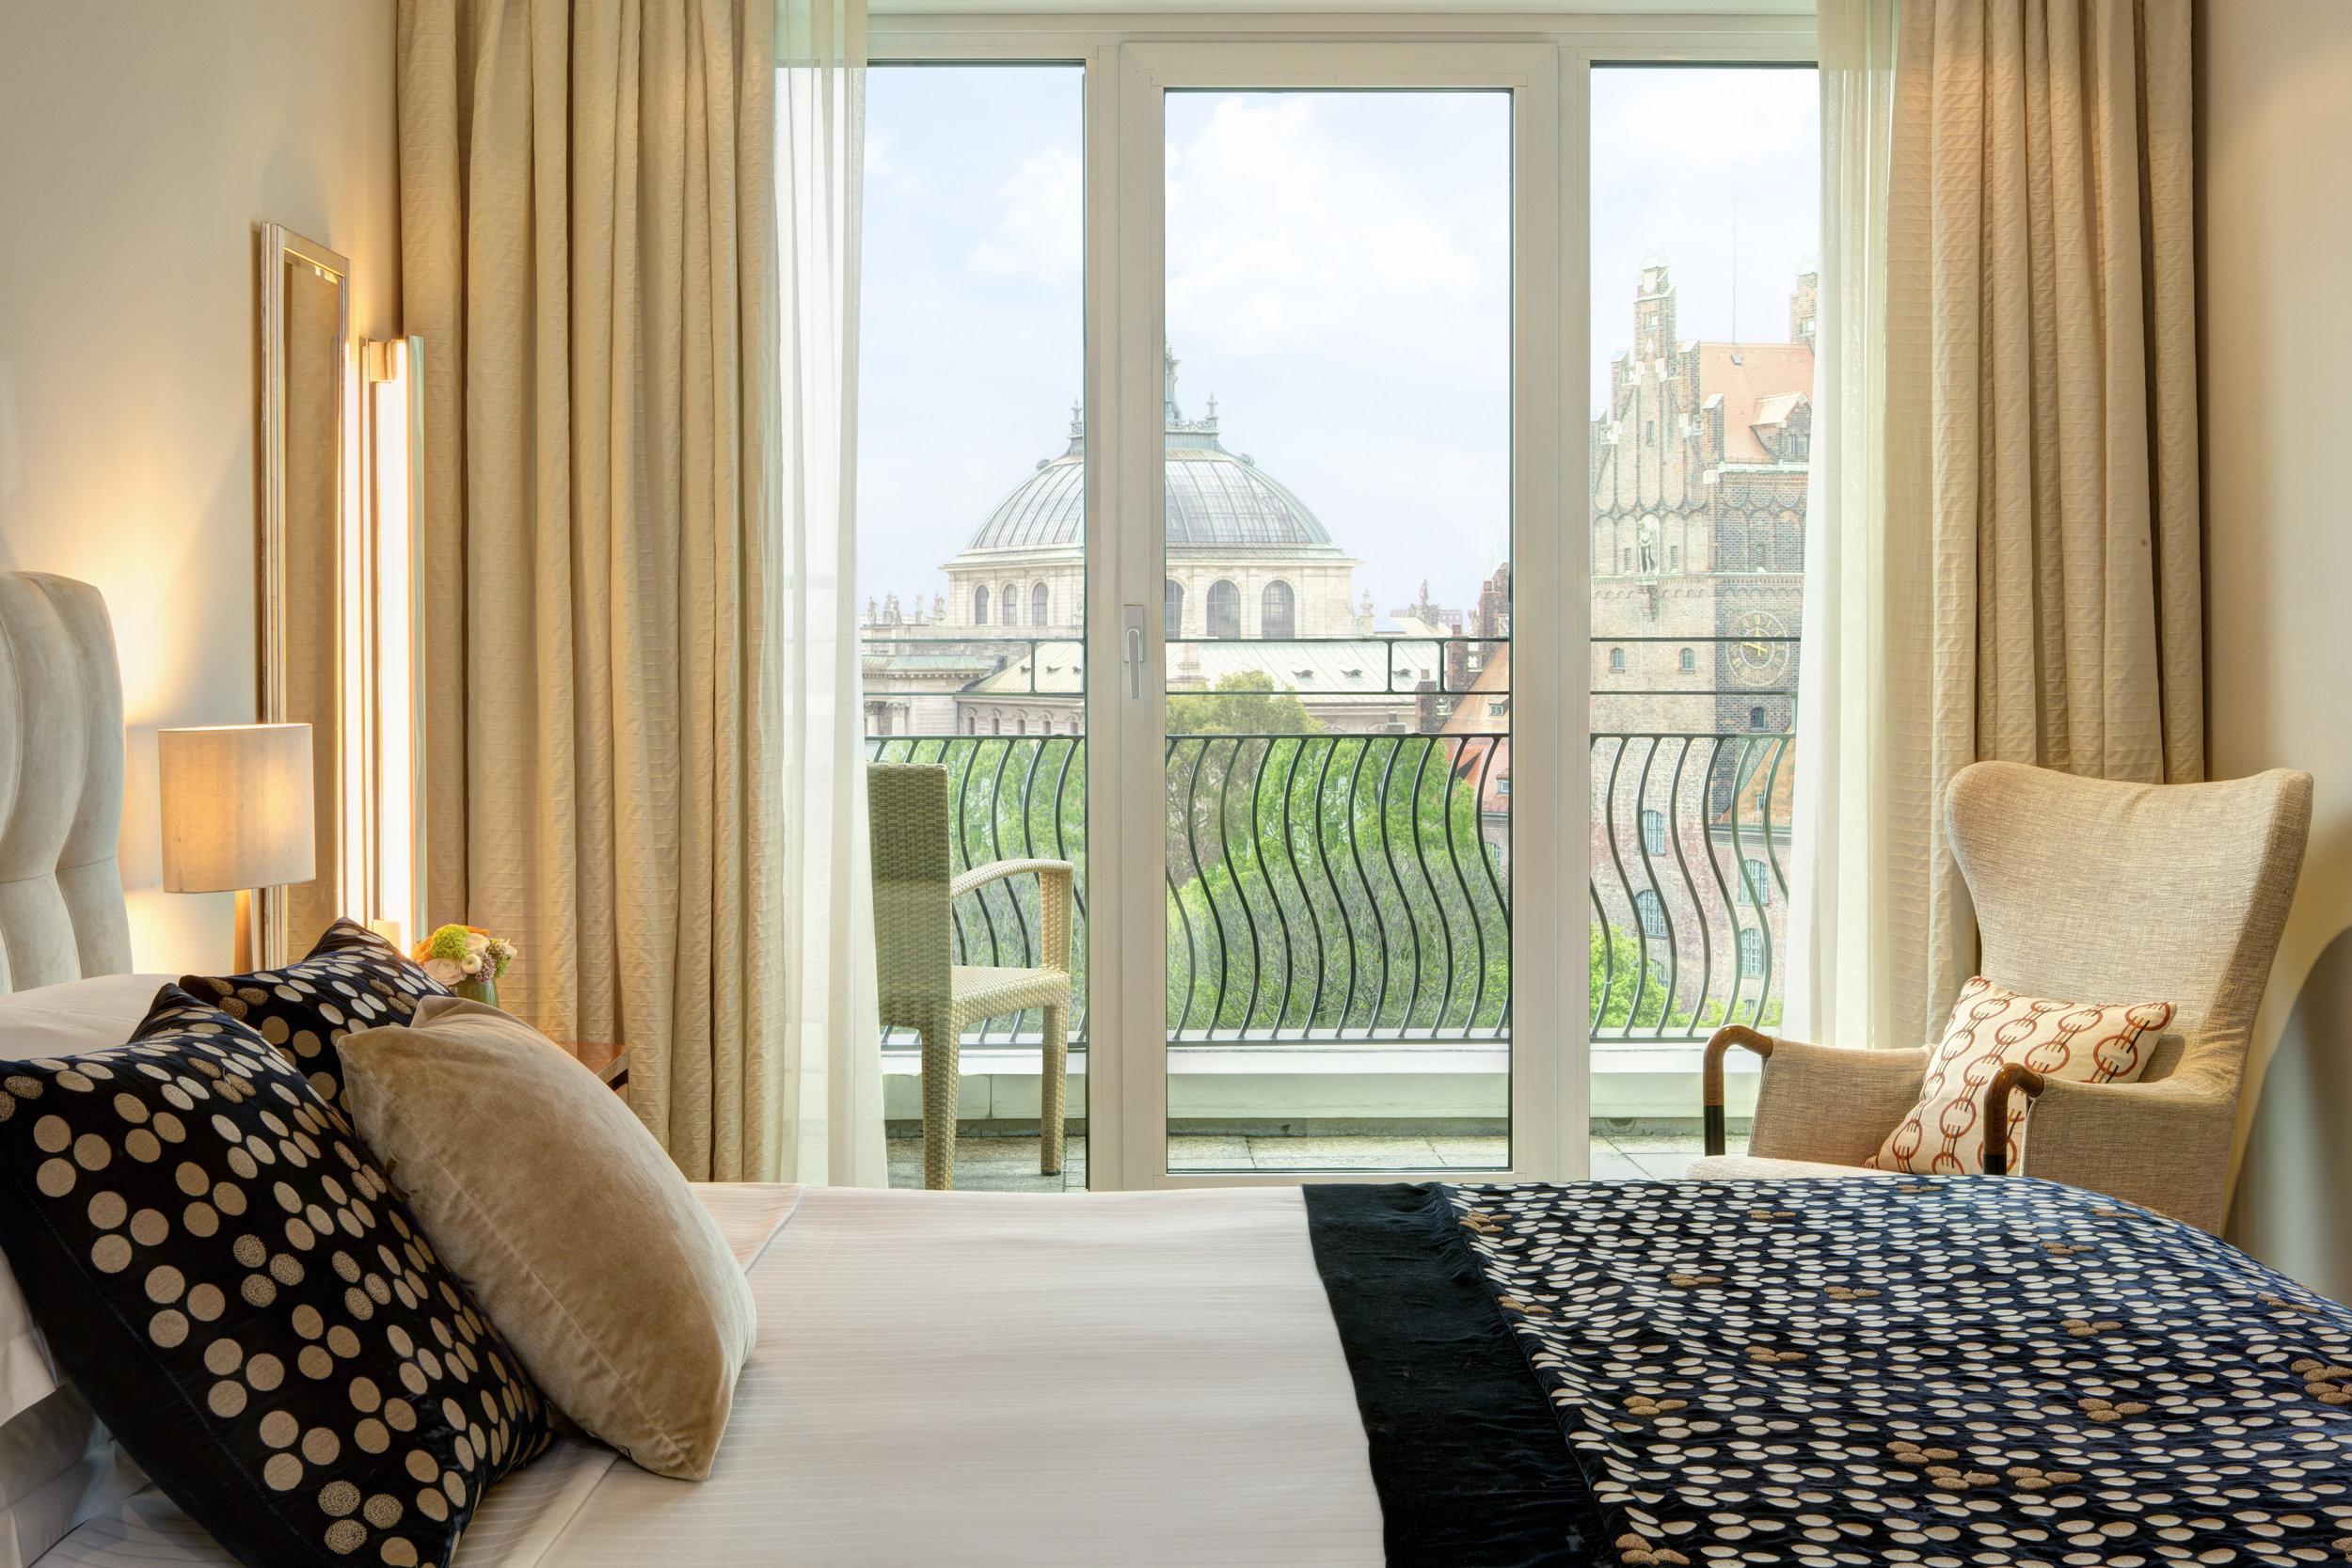 13 RFH The Charles Hotel - Monforte Suite 6948 JG May 17.JPG